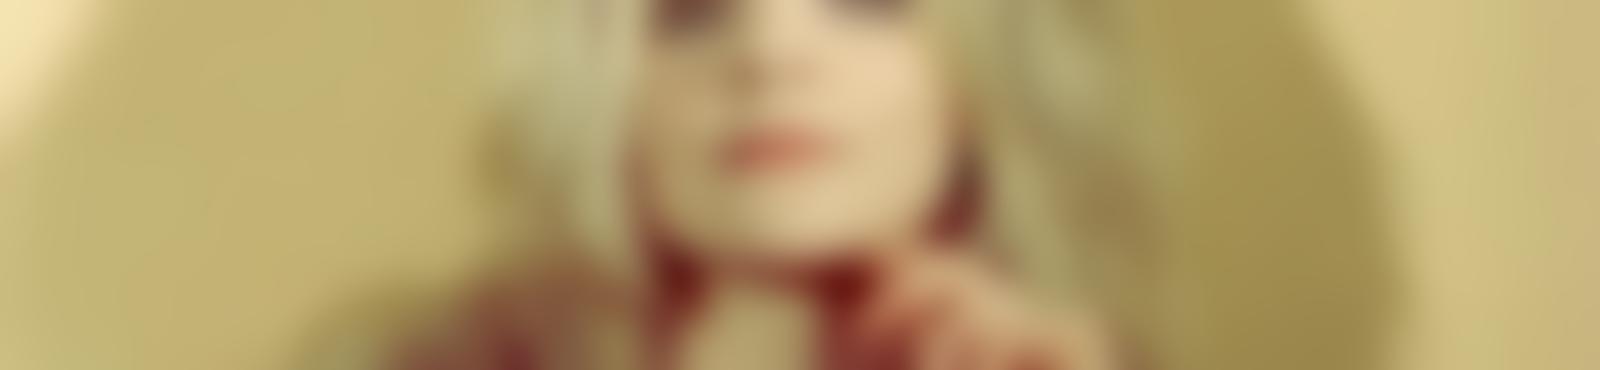 Blurred d161a6bf eaa1 4339 813d 25b07be918ac